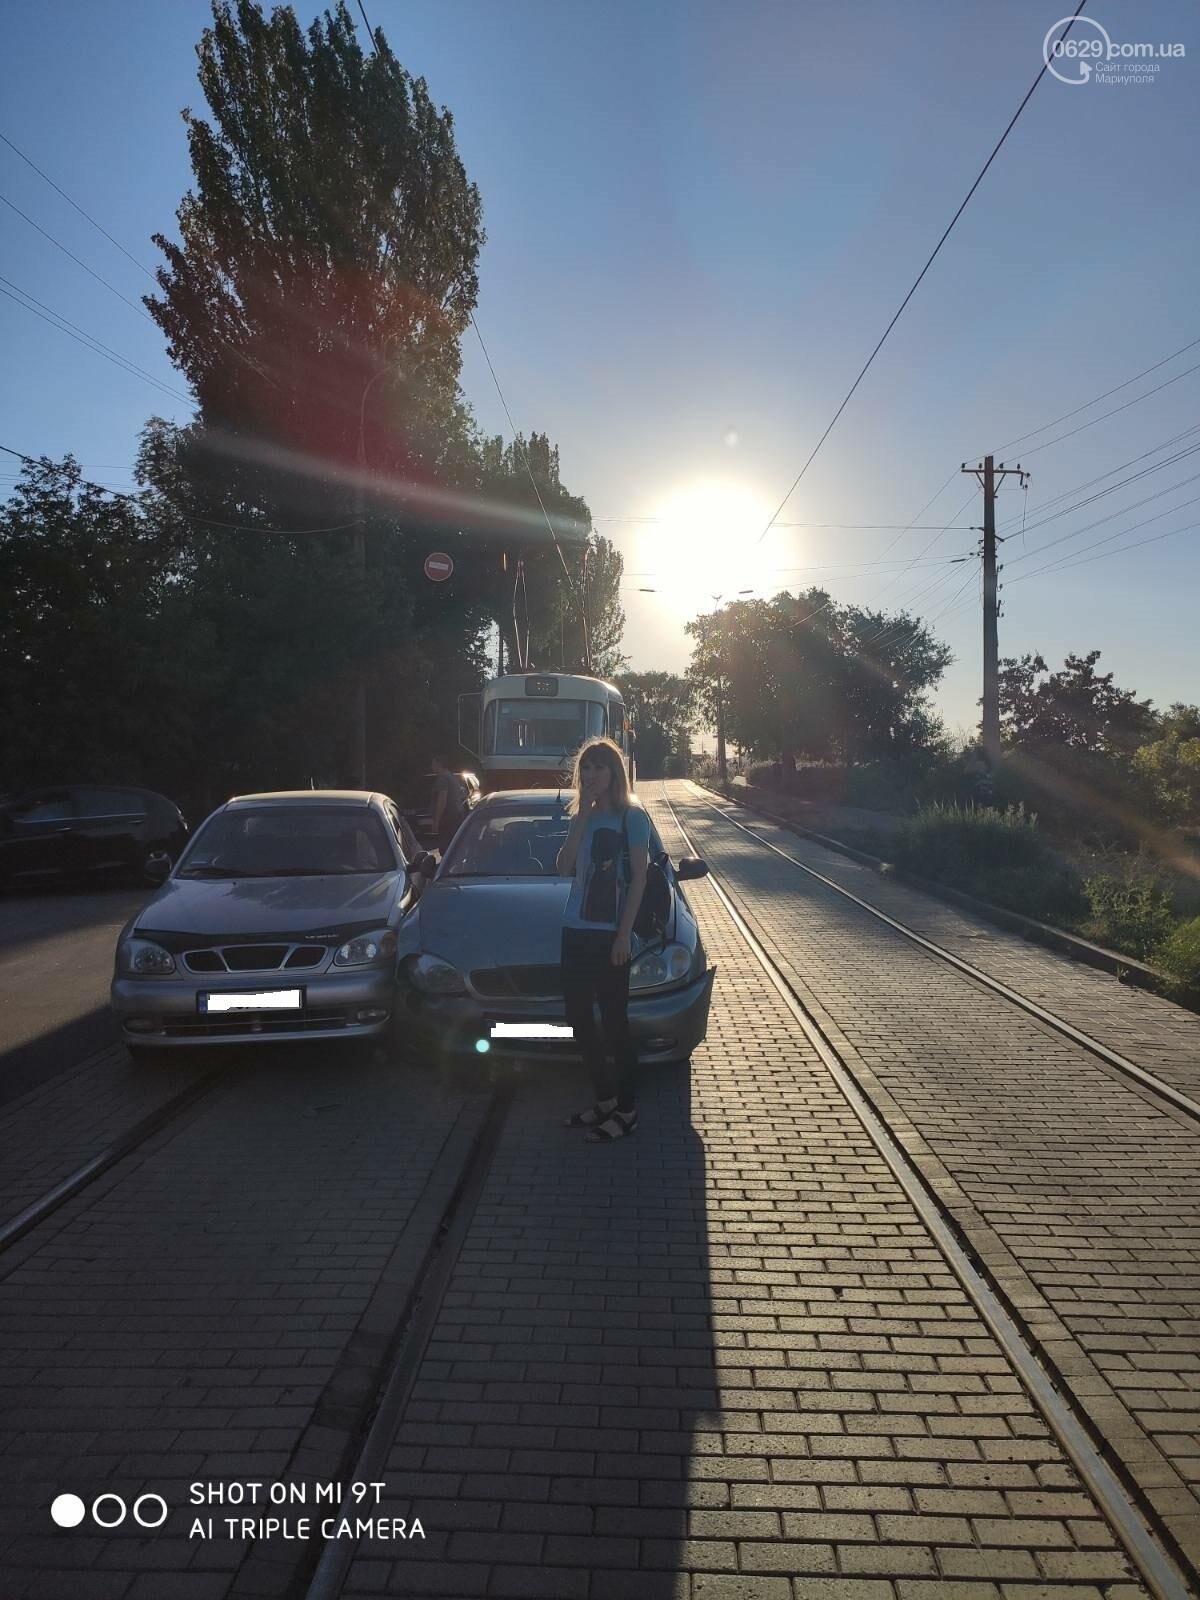 В Мариуполе два Daewoo столкнулись на трамвайных рельсах, - ФОТО, фото-2